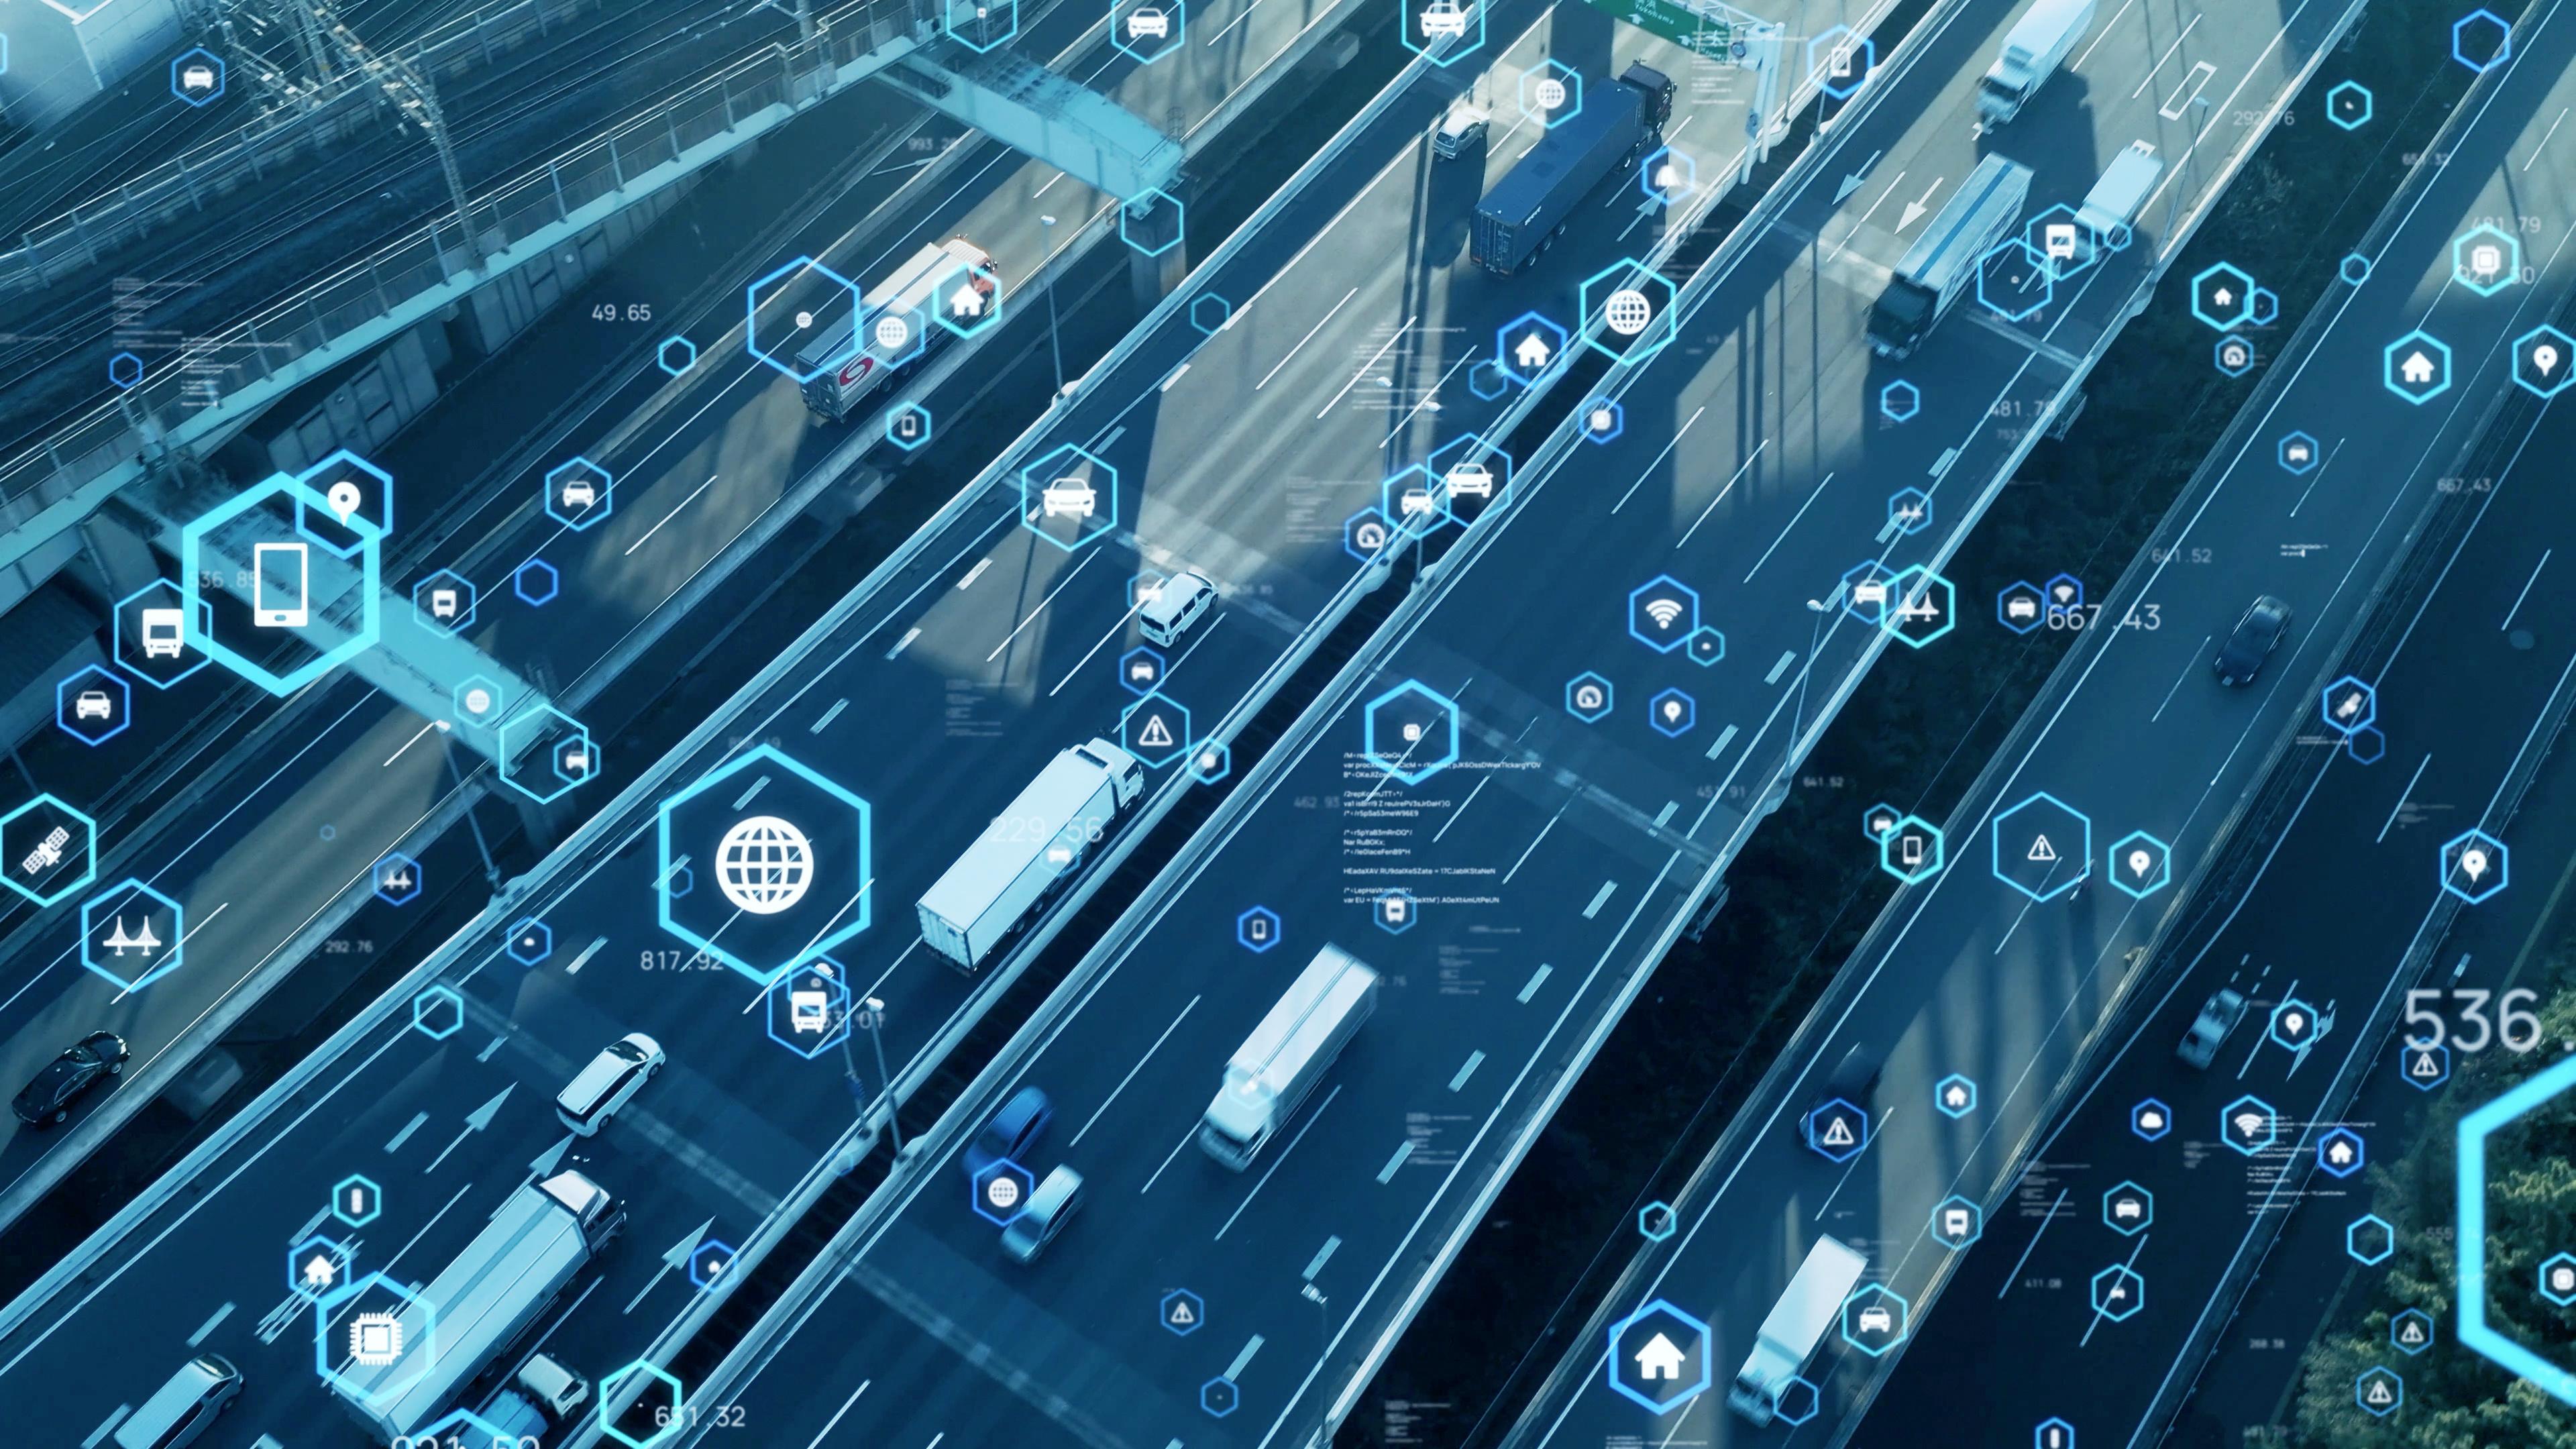 Czy jesteś gotowy na nowy system poboru opłat drogowych? Wybierz najdogodniejszy dla siebie sposób przekazywania danych lokalizacyjnych do e-TOLL